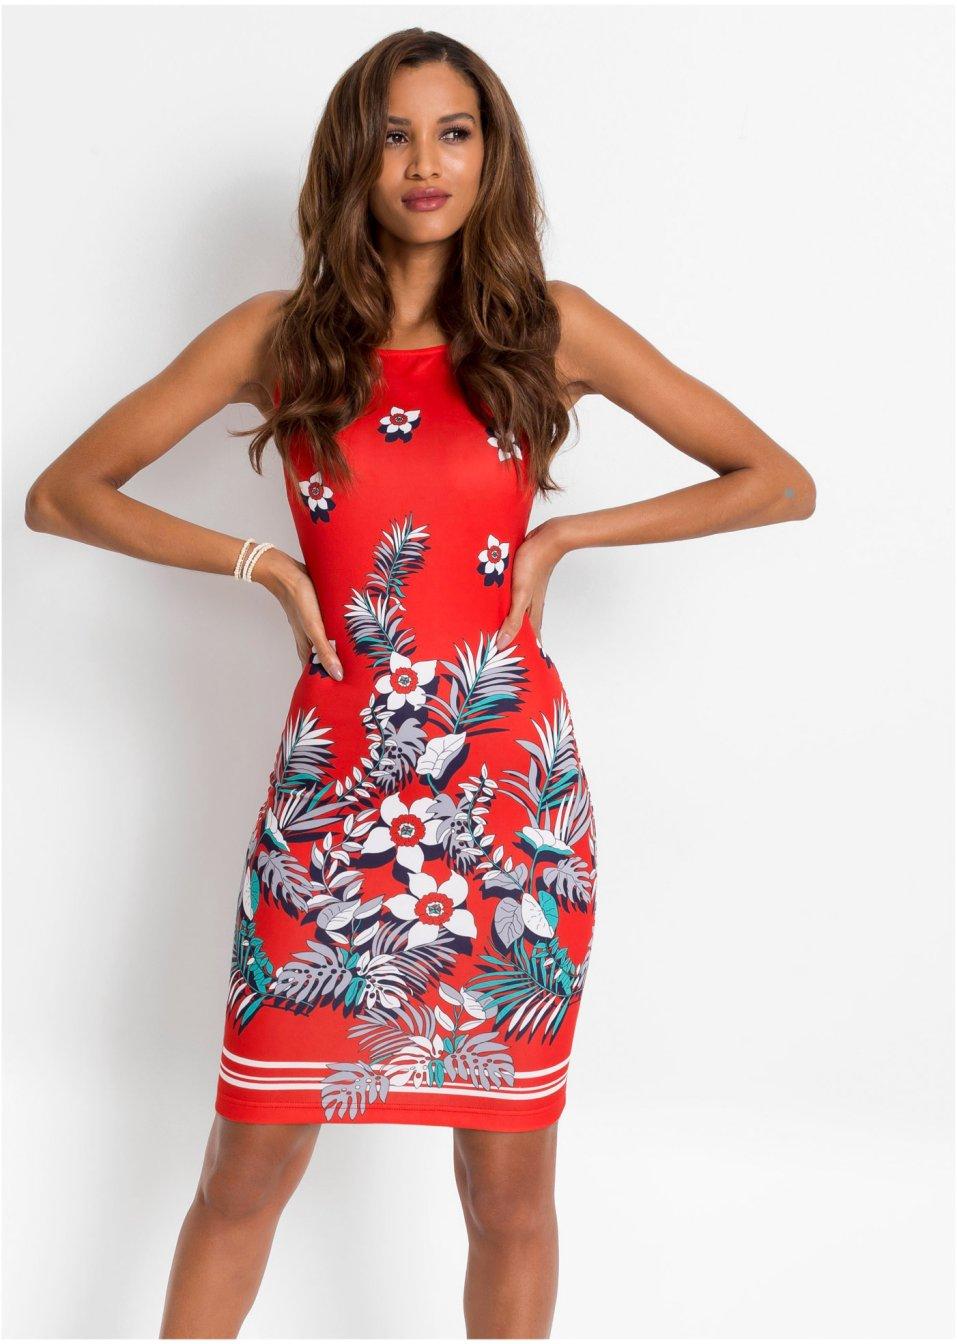 Kleid mit Blumen rot/weiß geblümt - Damen - BODYFLIRT ...